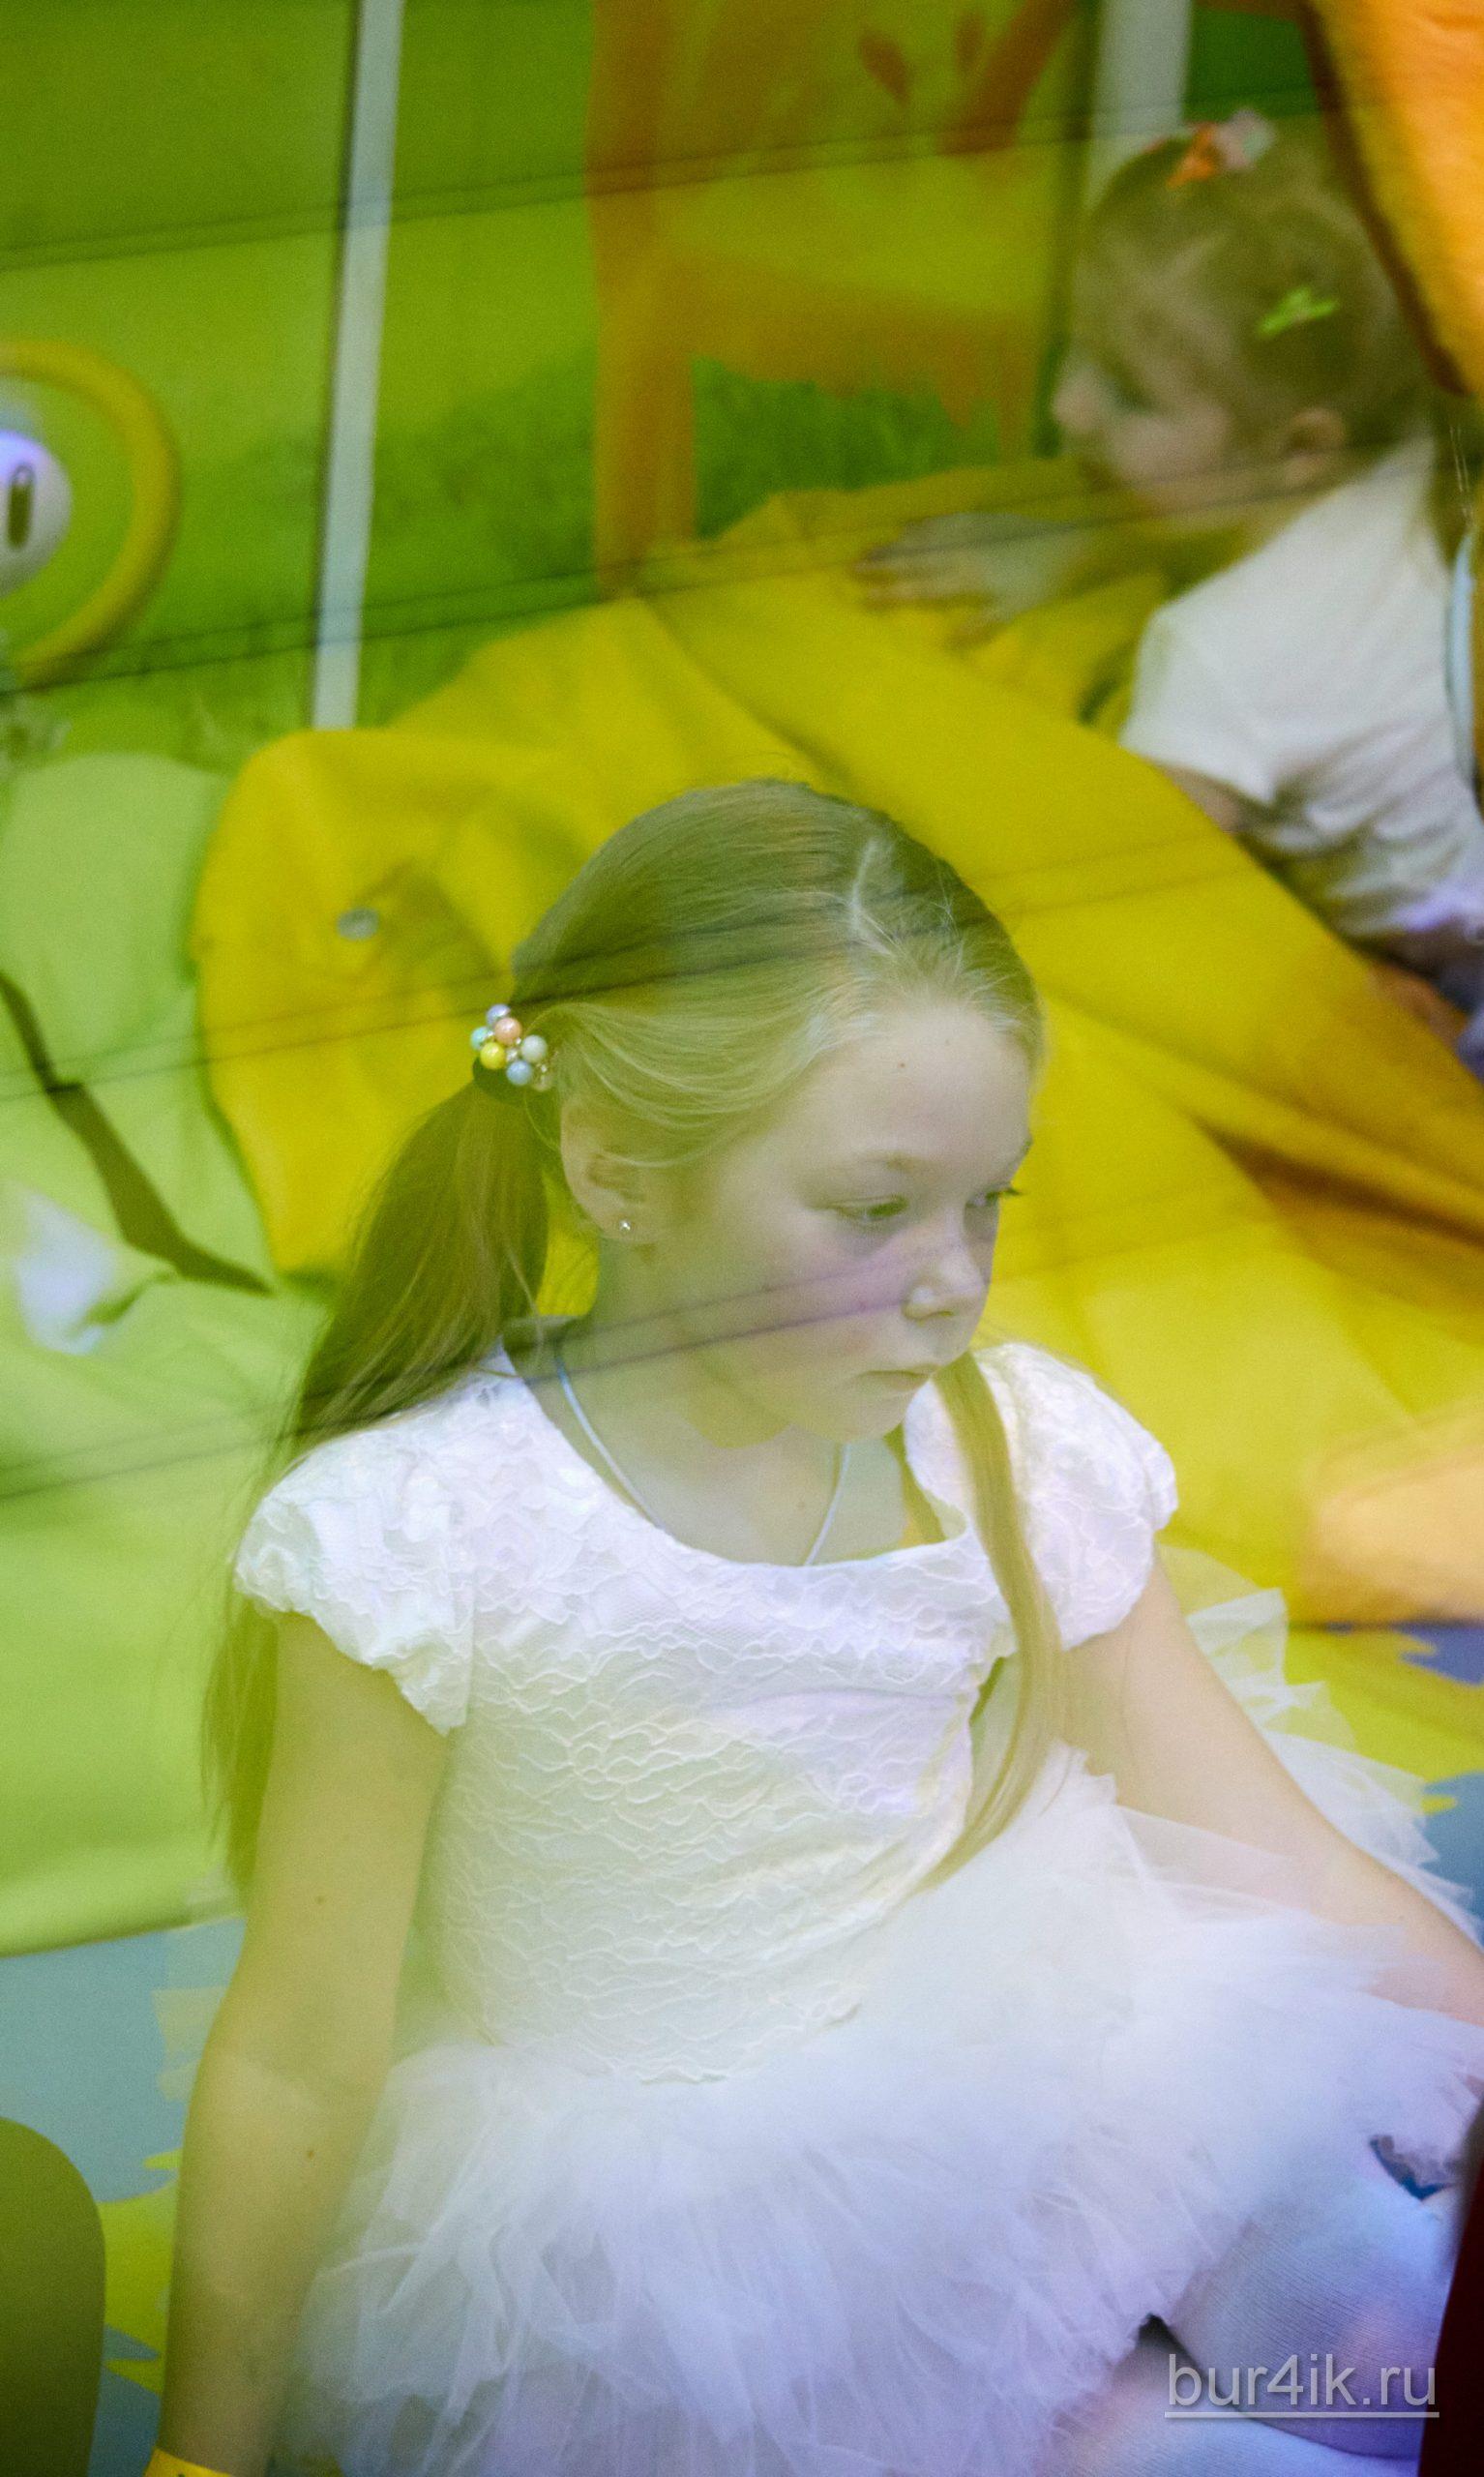 Фото Детское День Рождения в Детский Дворик 15.01.2020 №153 -photo- bur4ik.ru